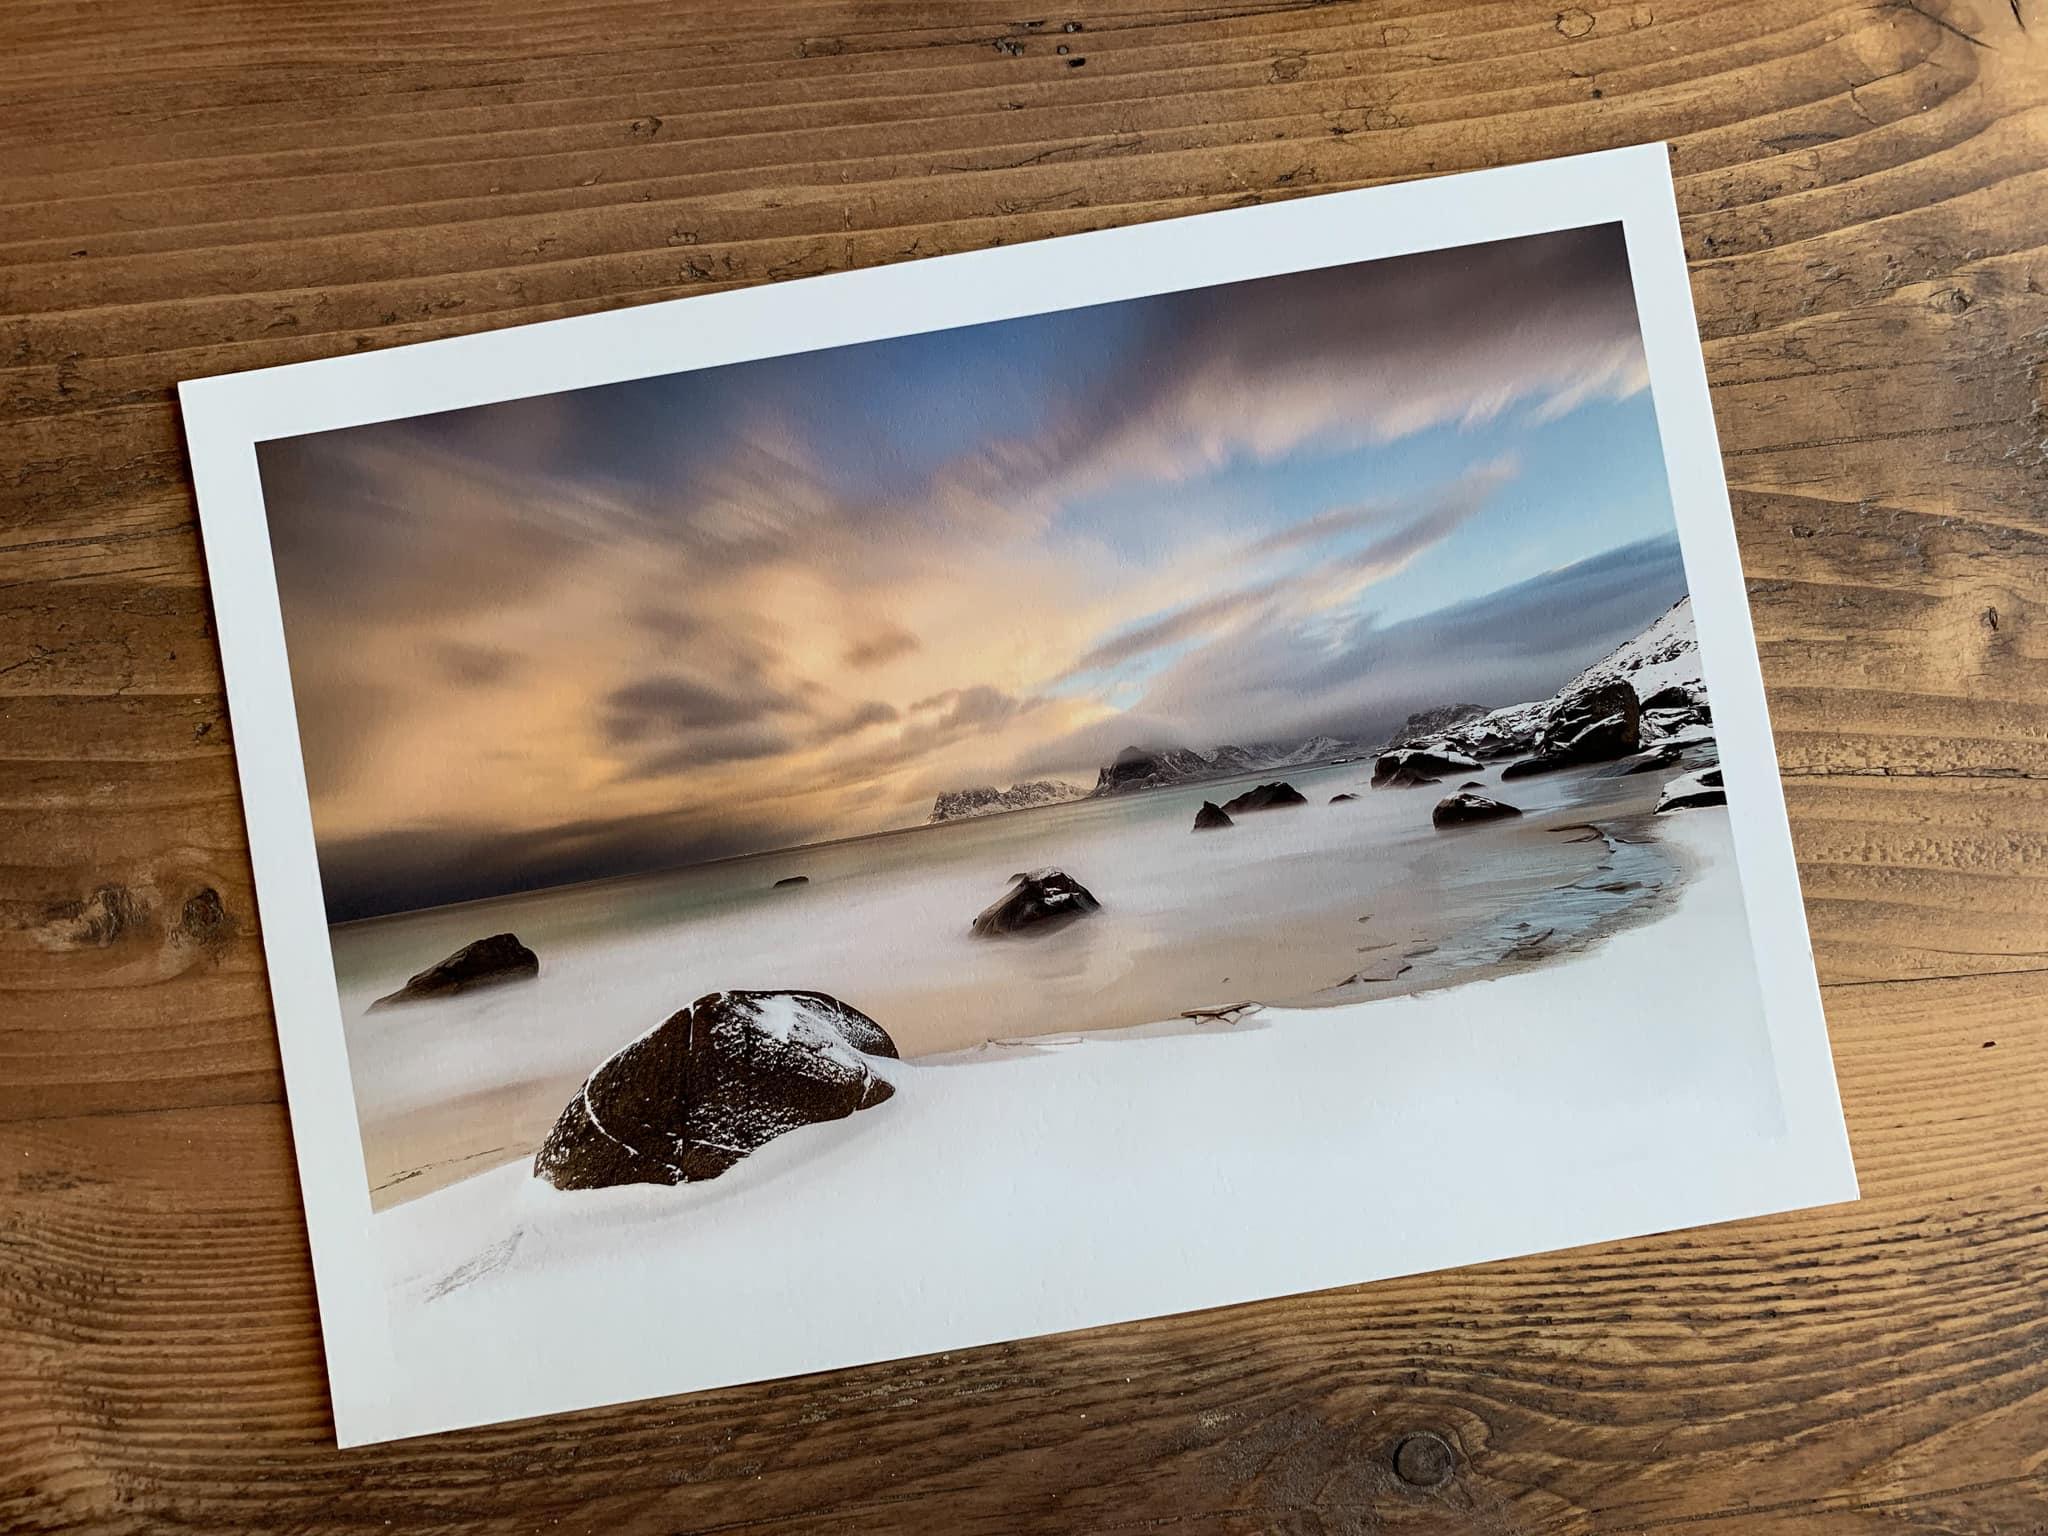 Francesco Gola Seascape Long Exposure Photography Review Best Fine Art Paper Hahnemuhle Hahnemühle 16